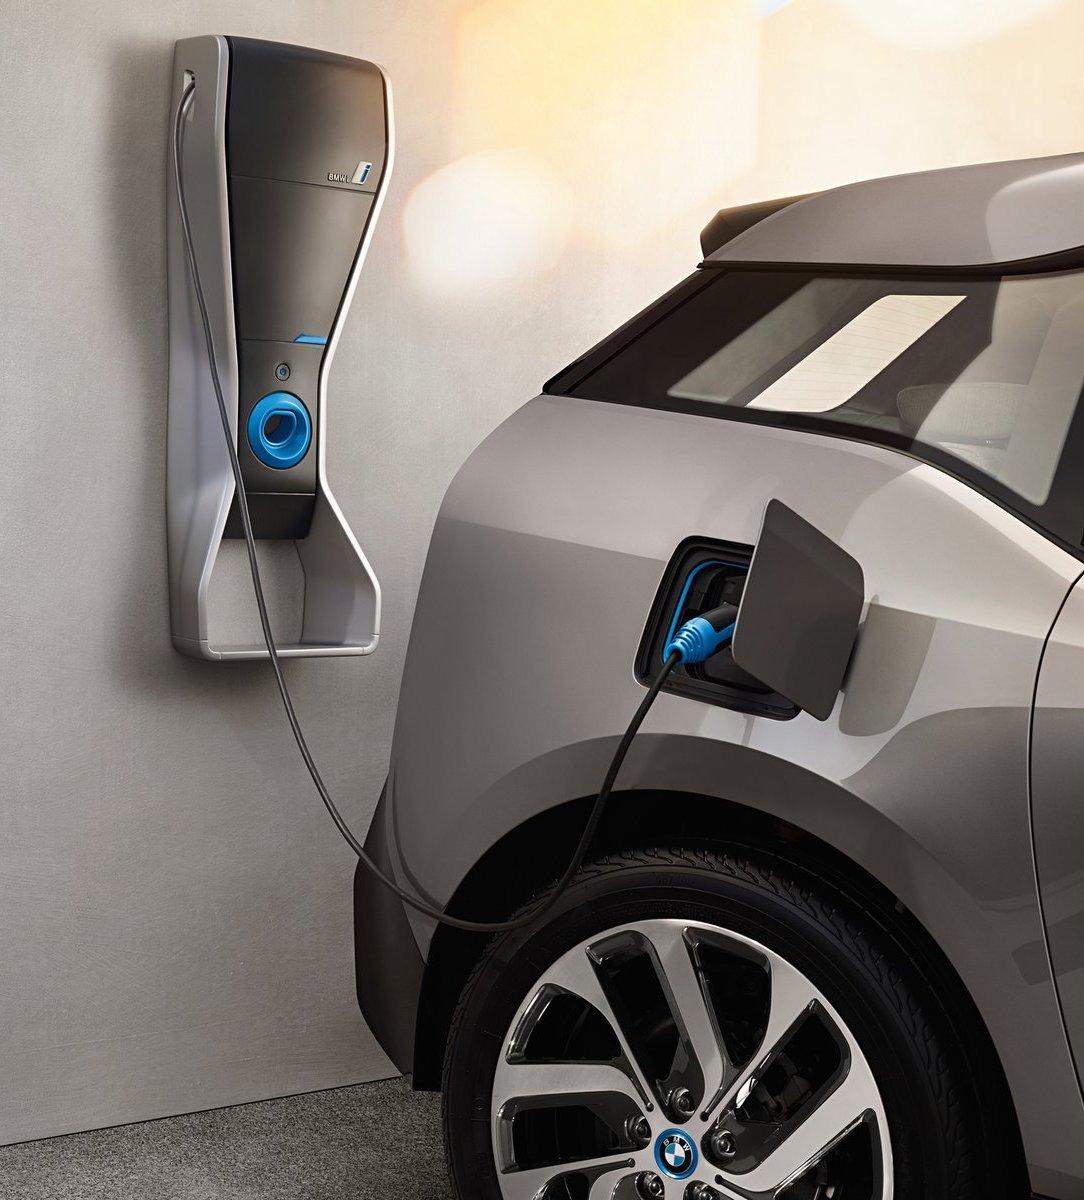 2014 Bmw I3 Camshaft: 2014 BMW I3 ön Tanıtım Etkinlikleri Kapsamında ülkemize